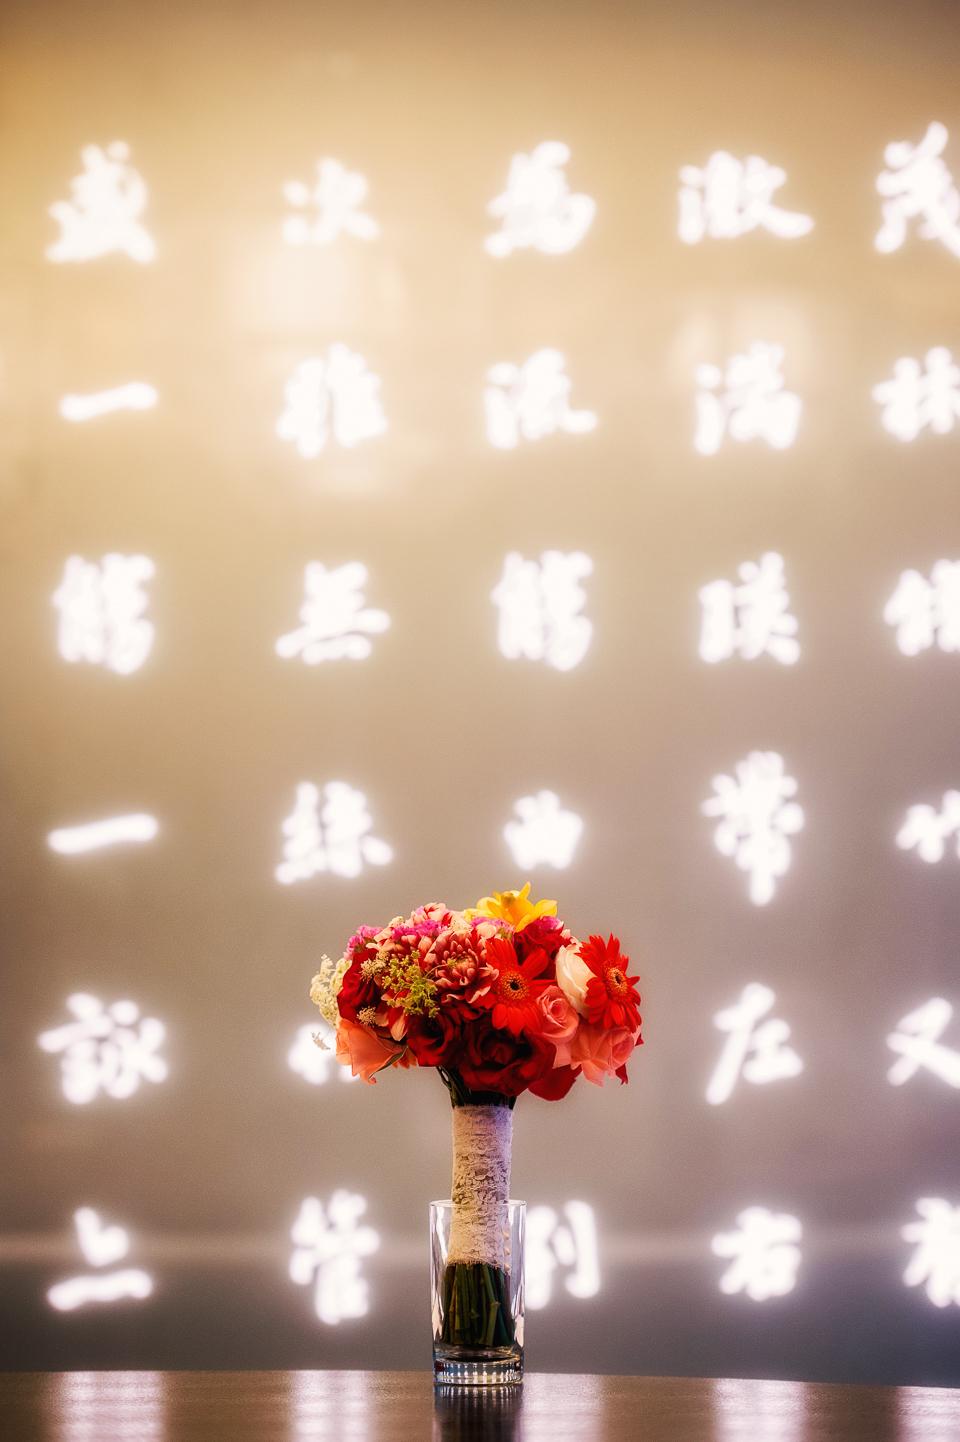 EASTERN WEDDING, 婚禮紀錄, Donfer, Donfer Photography